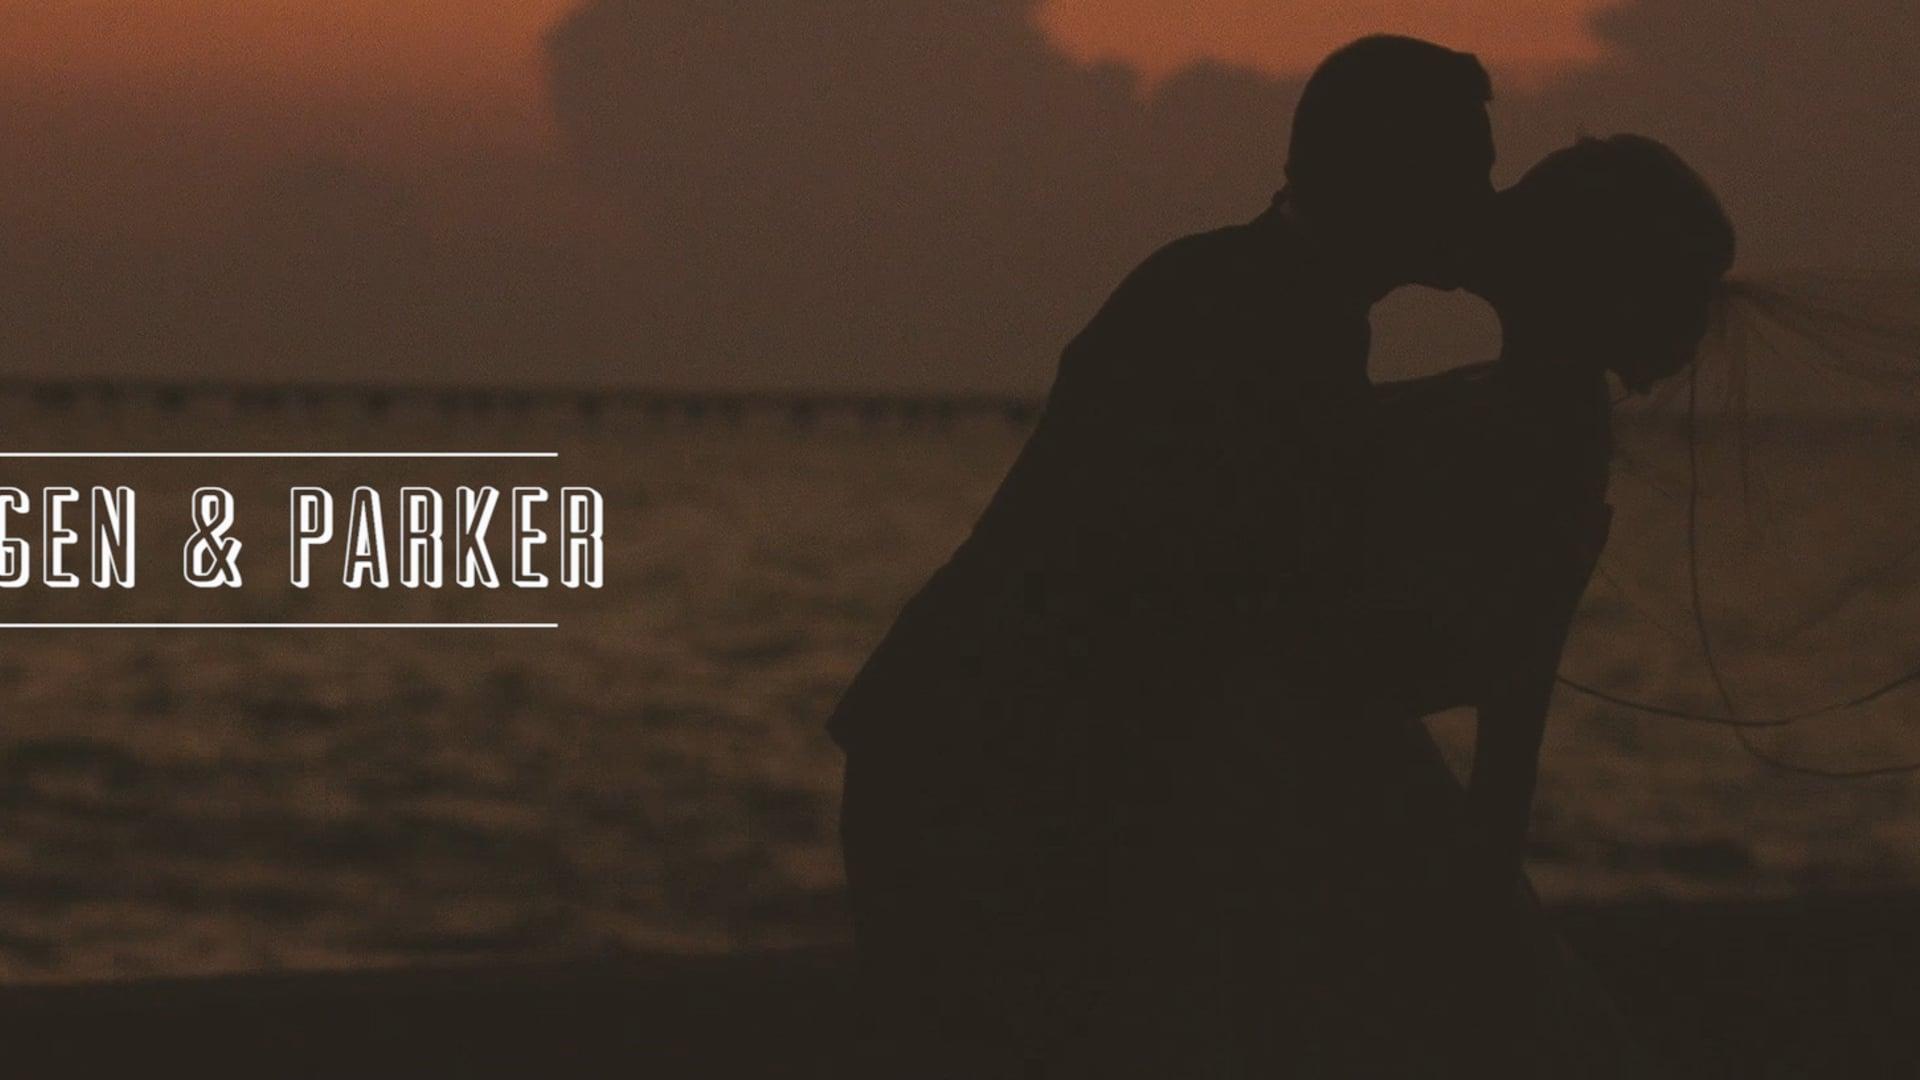 Ragen & Parker / Mandeville Lakefront Wedding Film